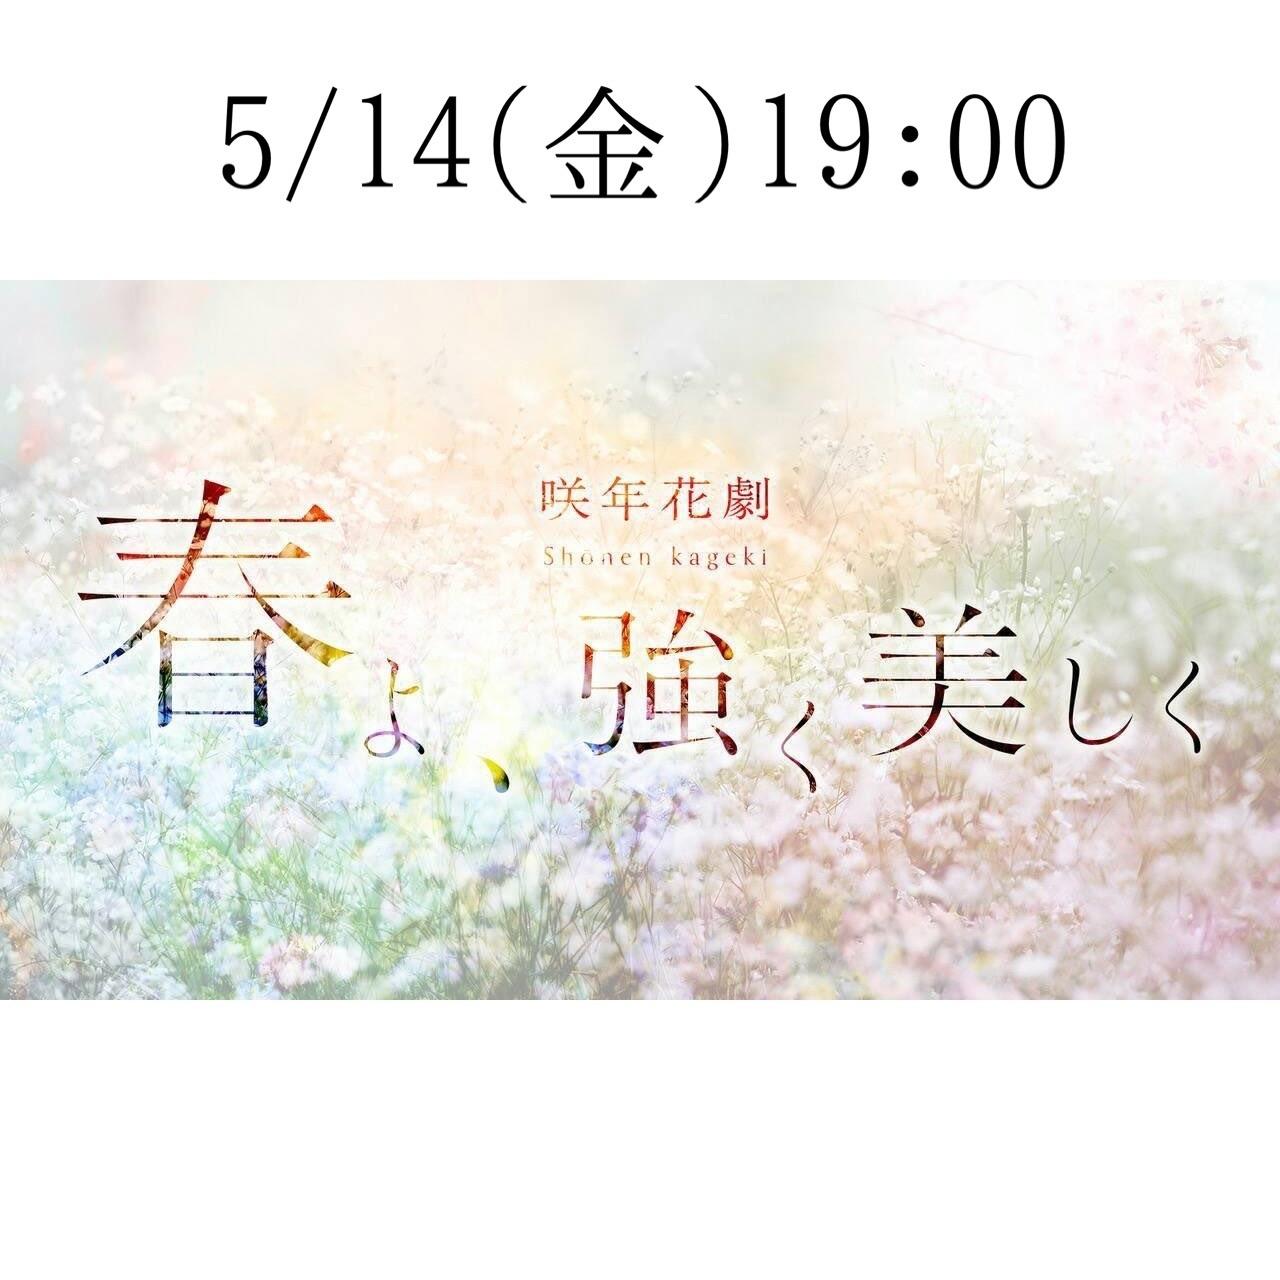 【5月14日(金) 19:00】咲年花劇「春よ、強く美しく」